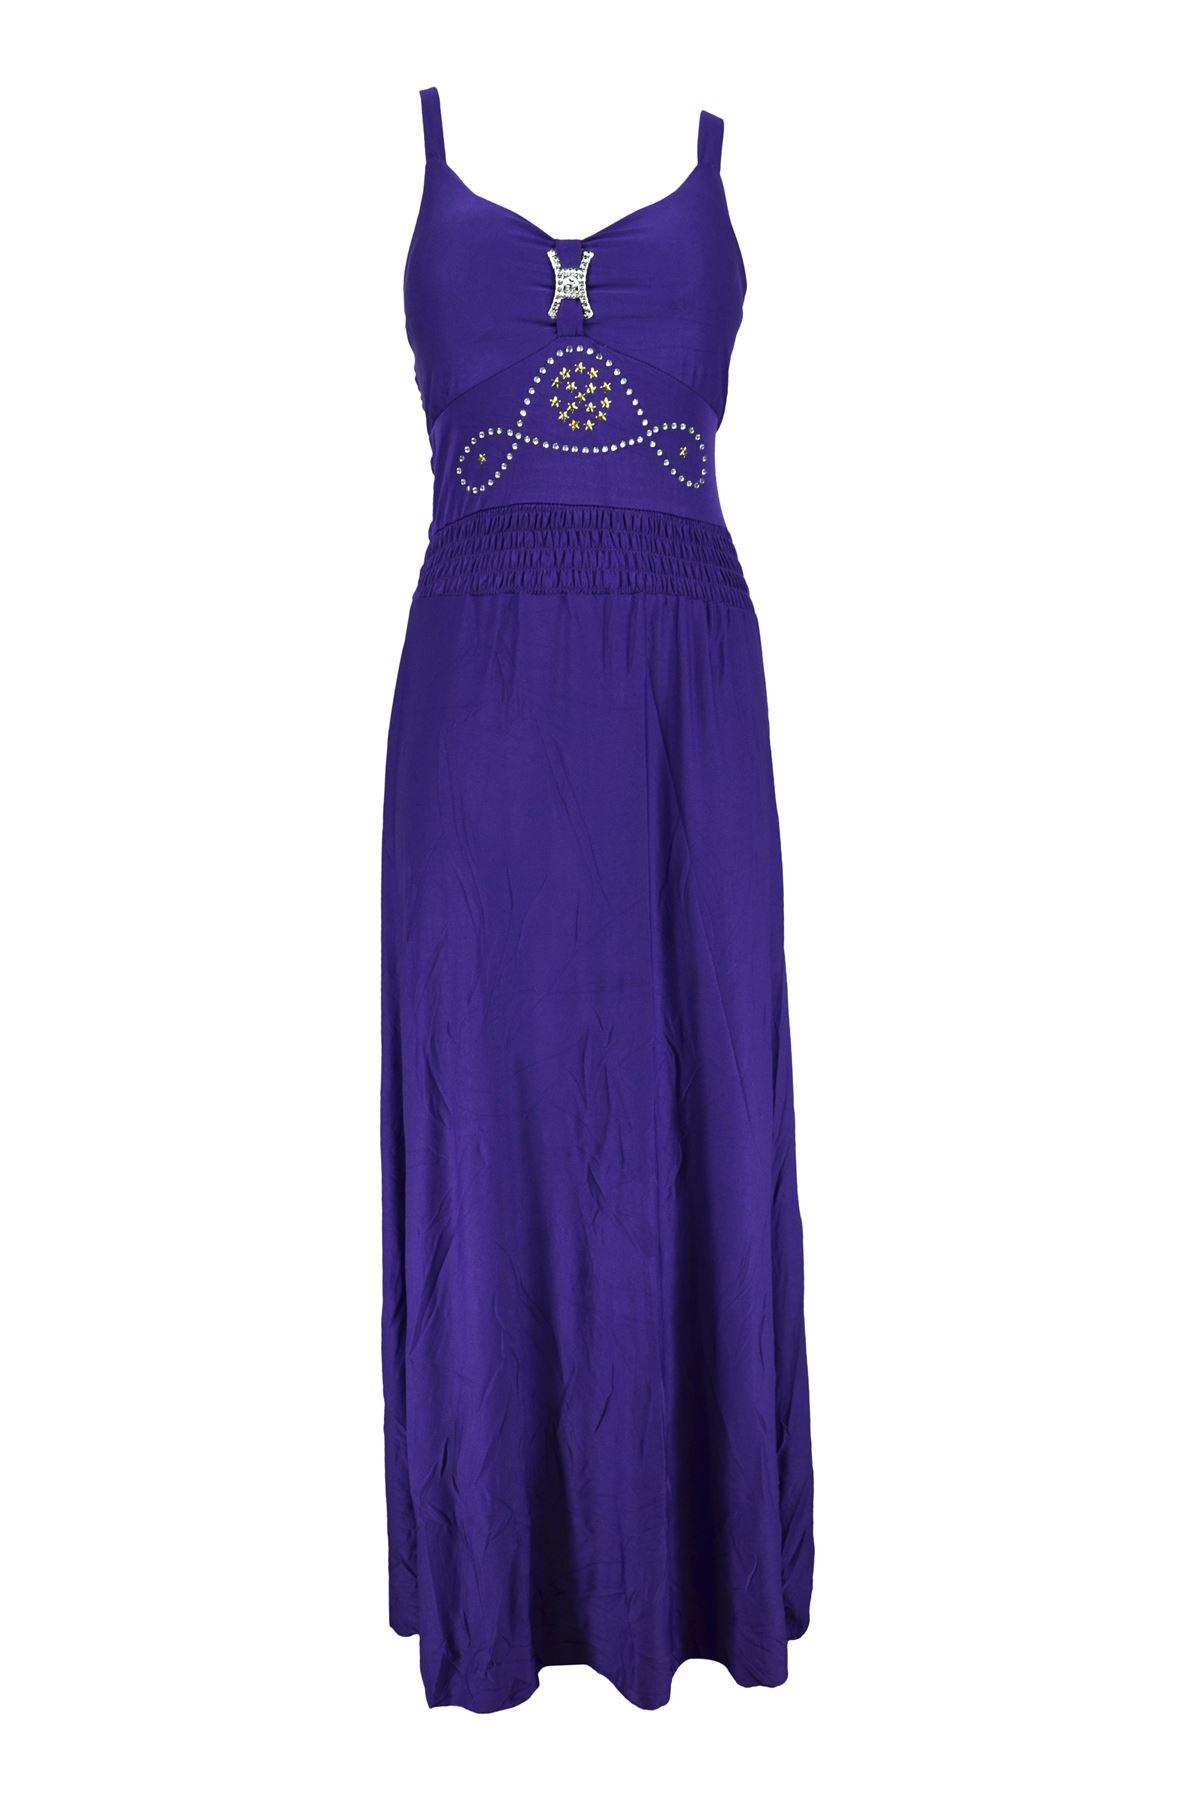 Belle Donne-Womens Clothing Long Maxi Simple Strap Solid Color Dress-Purple -L